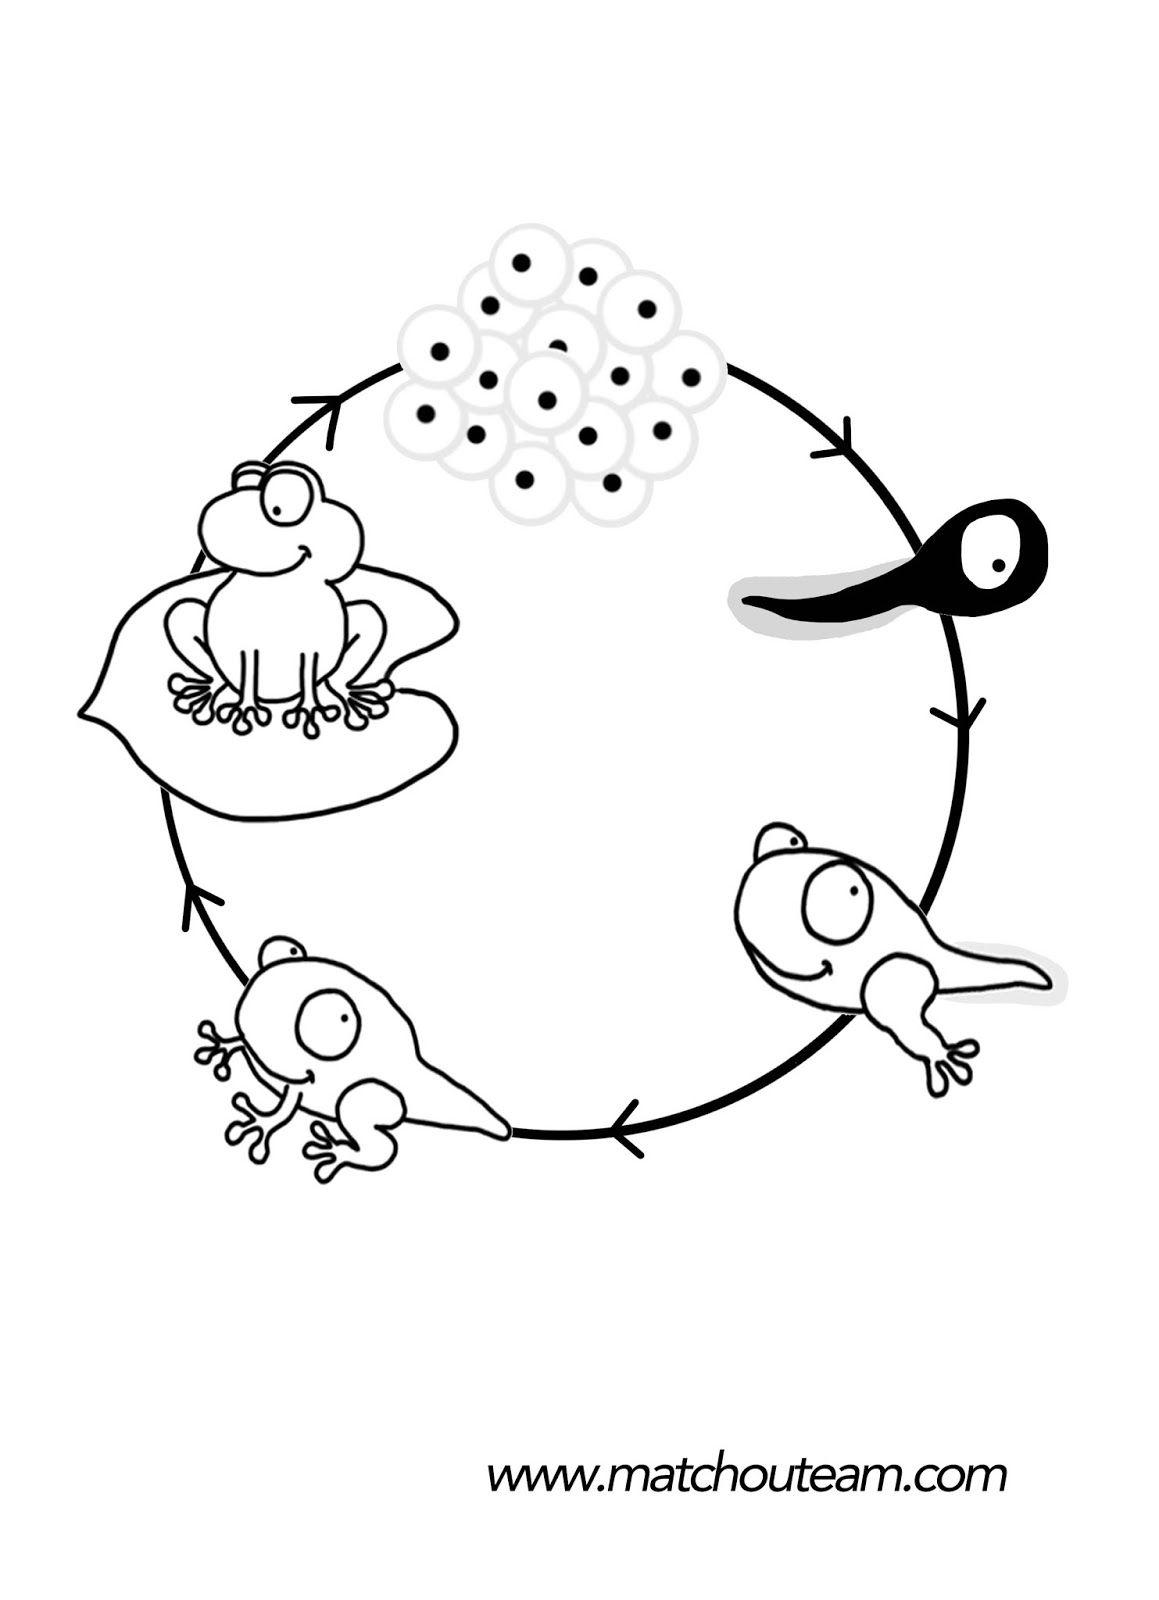 Mini Livre Sur Le Cycle De Vie De La Grenouille | Grenouille destiné Cycle De Vie Grenouille